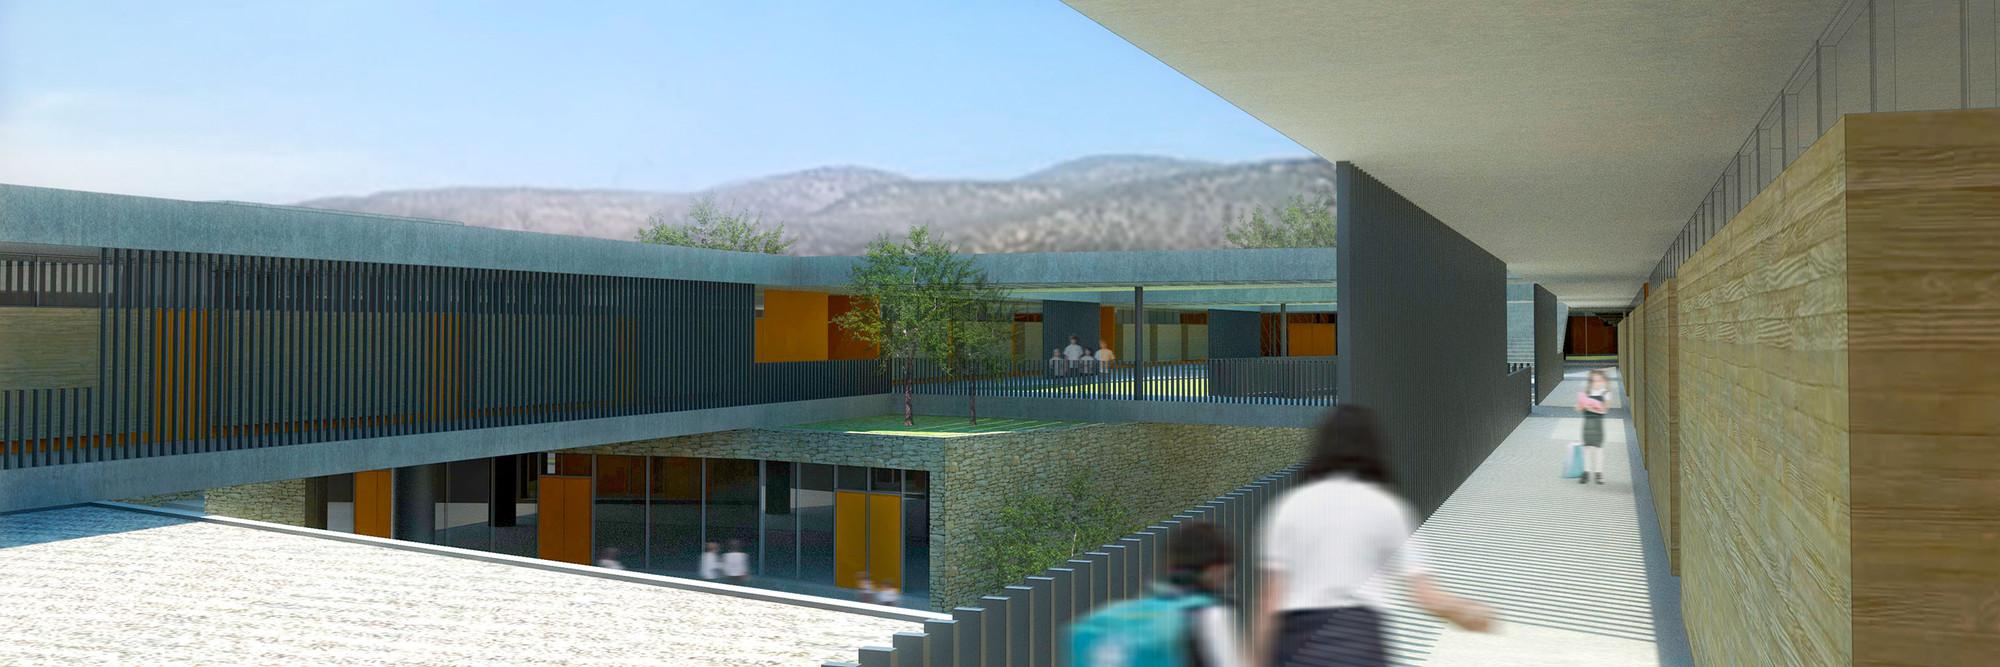 Courtesy of Iglesis Prat Arquitectos y Meruane Arquitectos